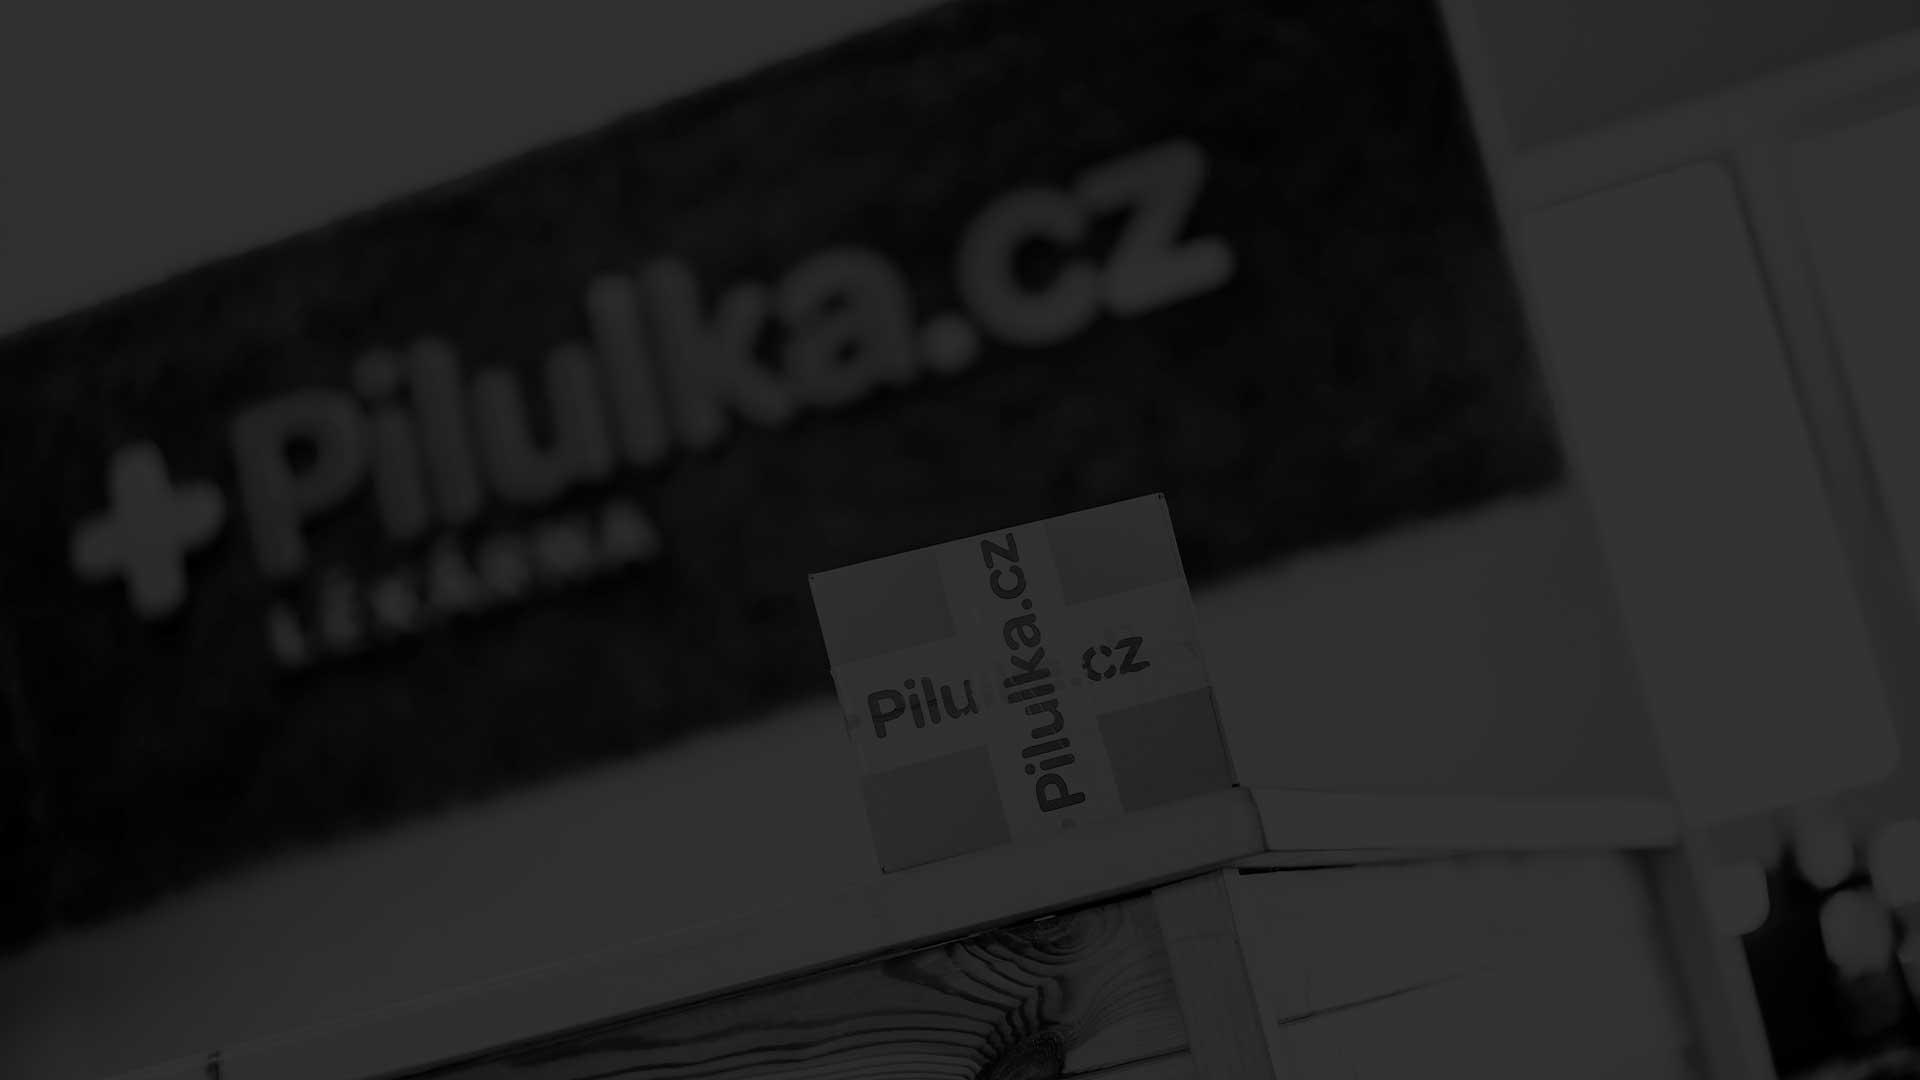 Pilulka.cz: Pilulka, která spojuje rozdrobený byznys